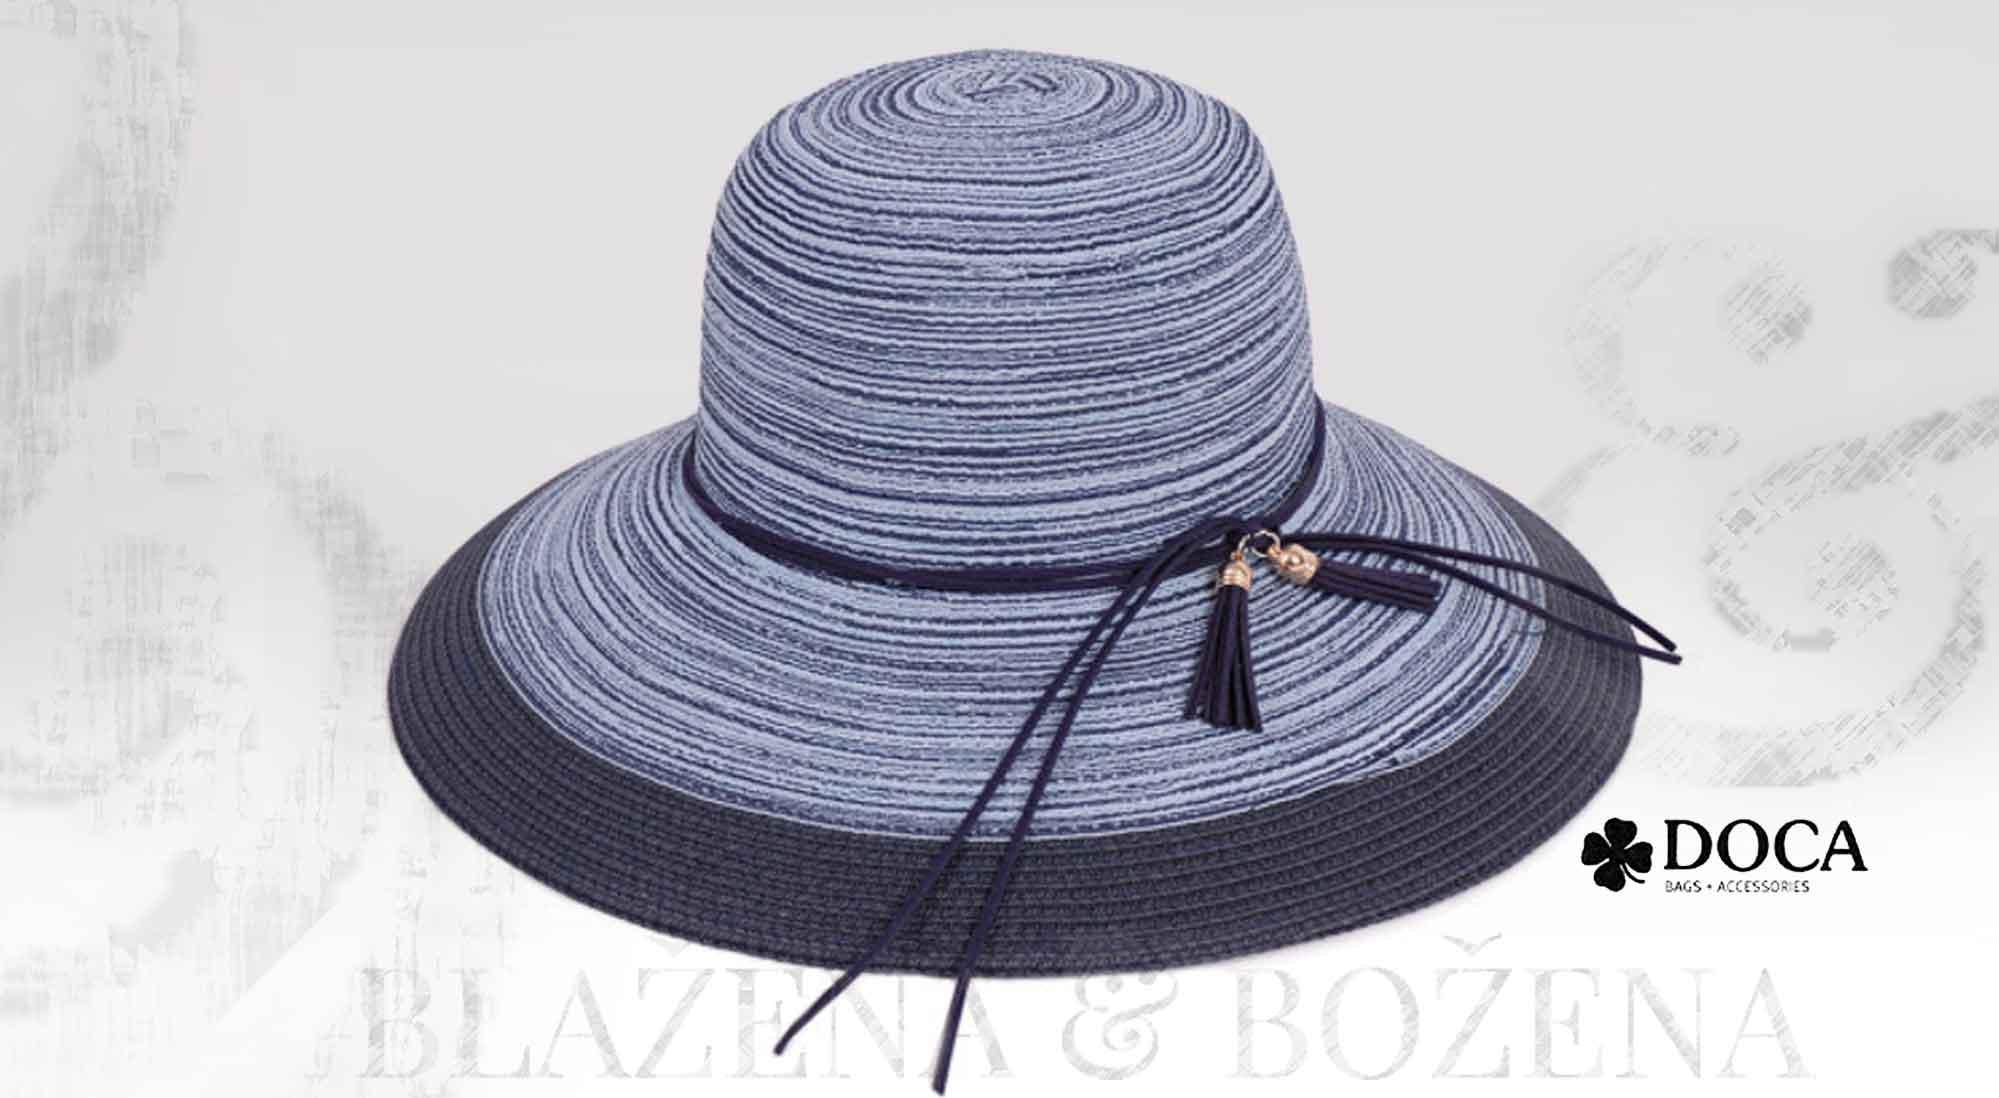 Blažena Božena. královny klobouků. Modrý dámský klobouk Doca Extra de2f149434